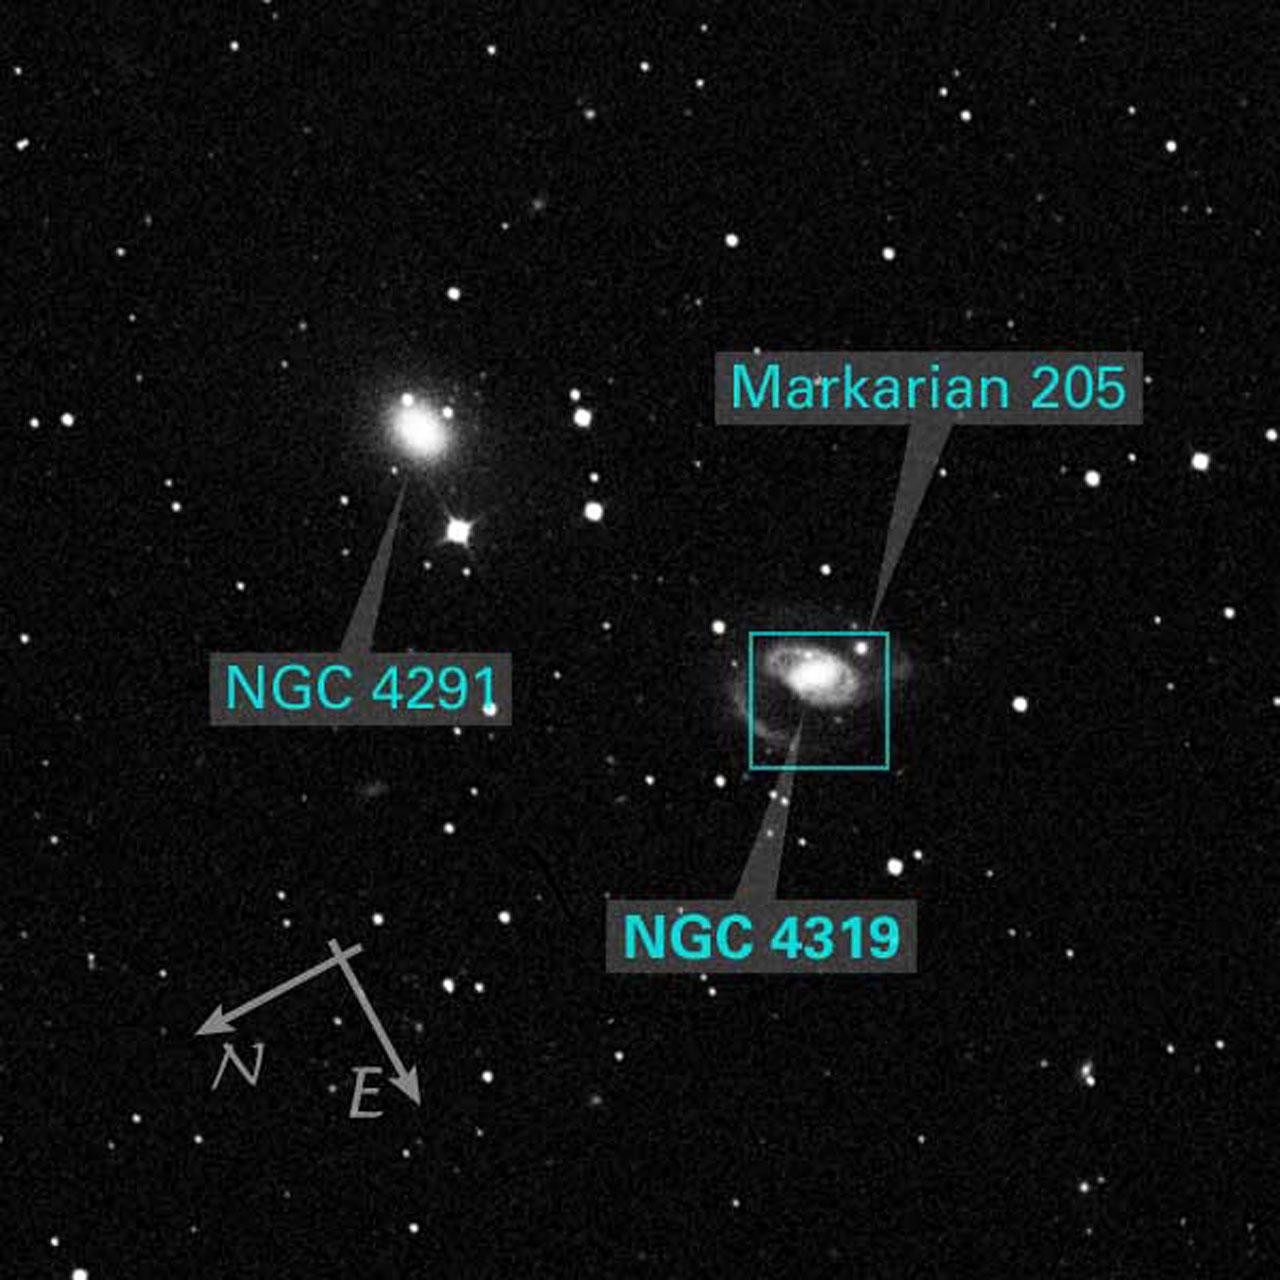 DSS Image of NGC 4319 and NGC 4291 (ground-based image)